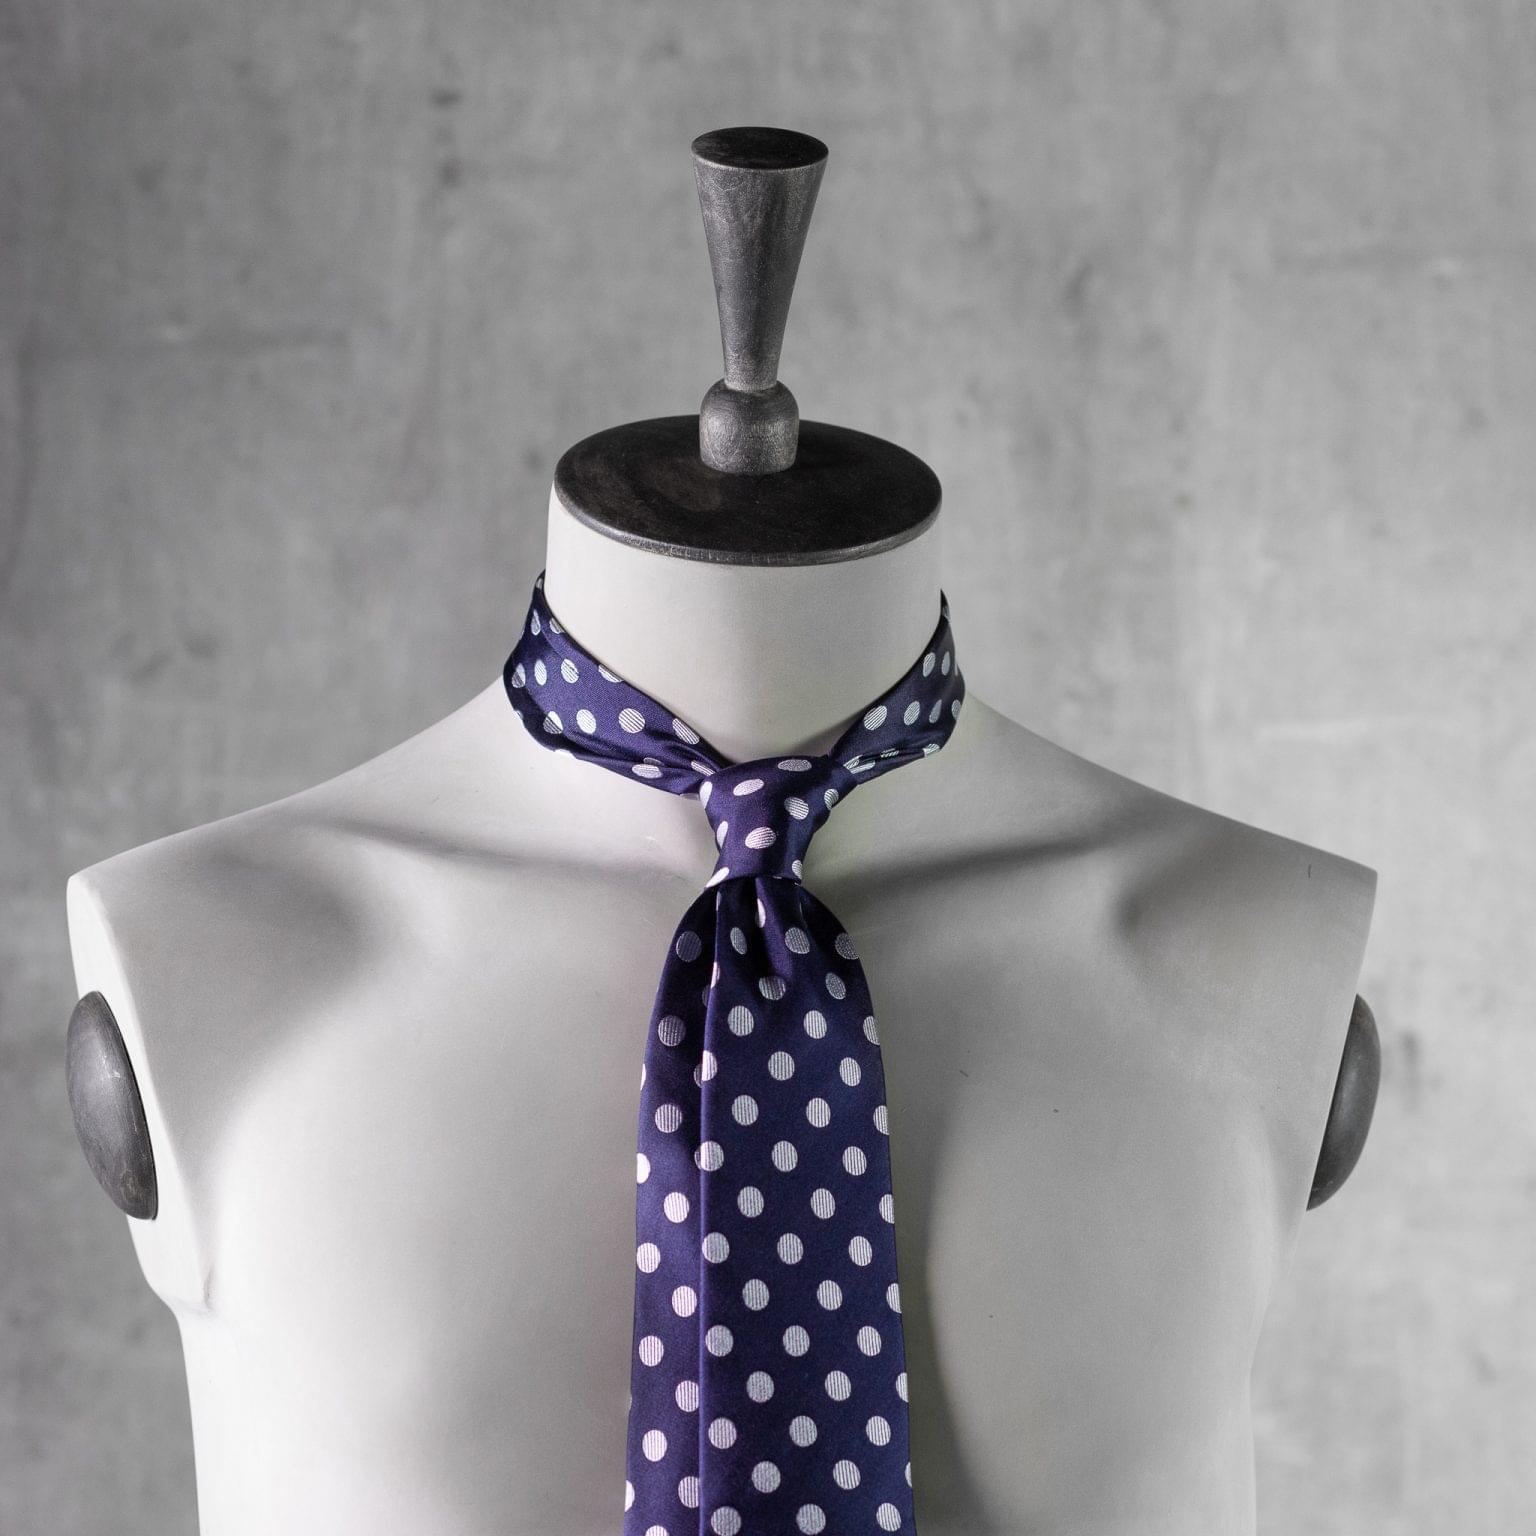 JACQUARD-0335-Tie-Initials-Corbata-Iniciales-The-Seelk-3